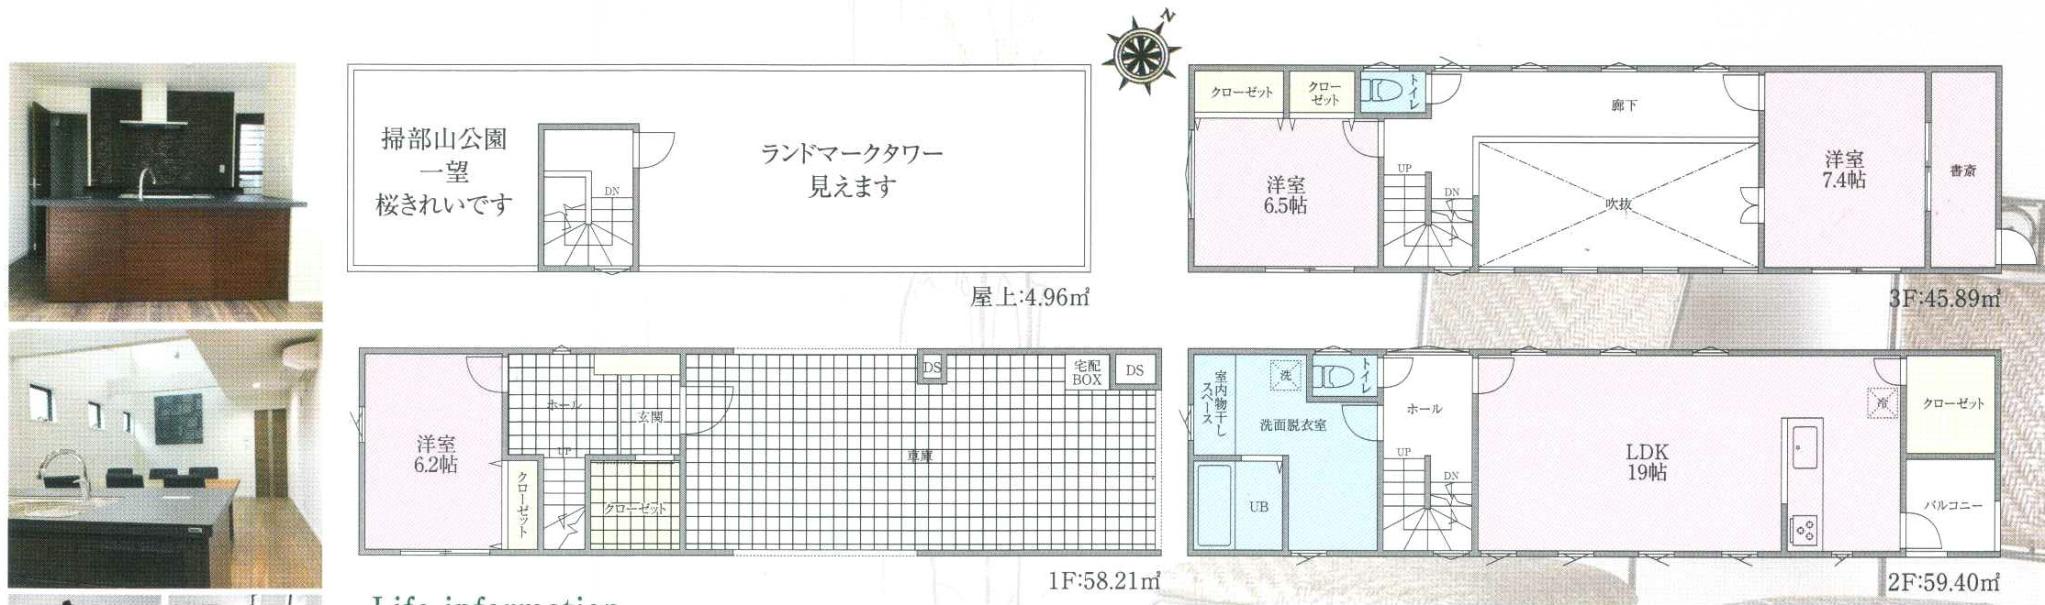 [新築一戸建て]桜木町駅 9分 3LDK